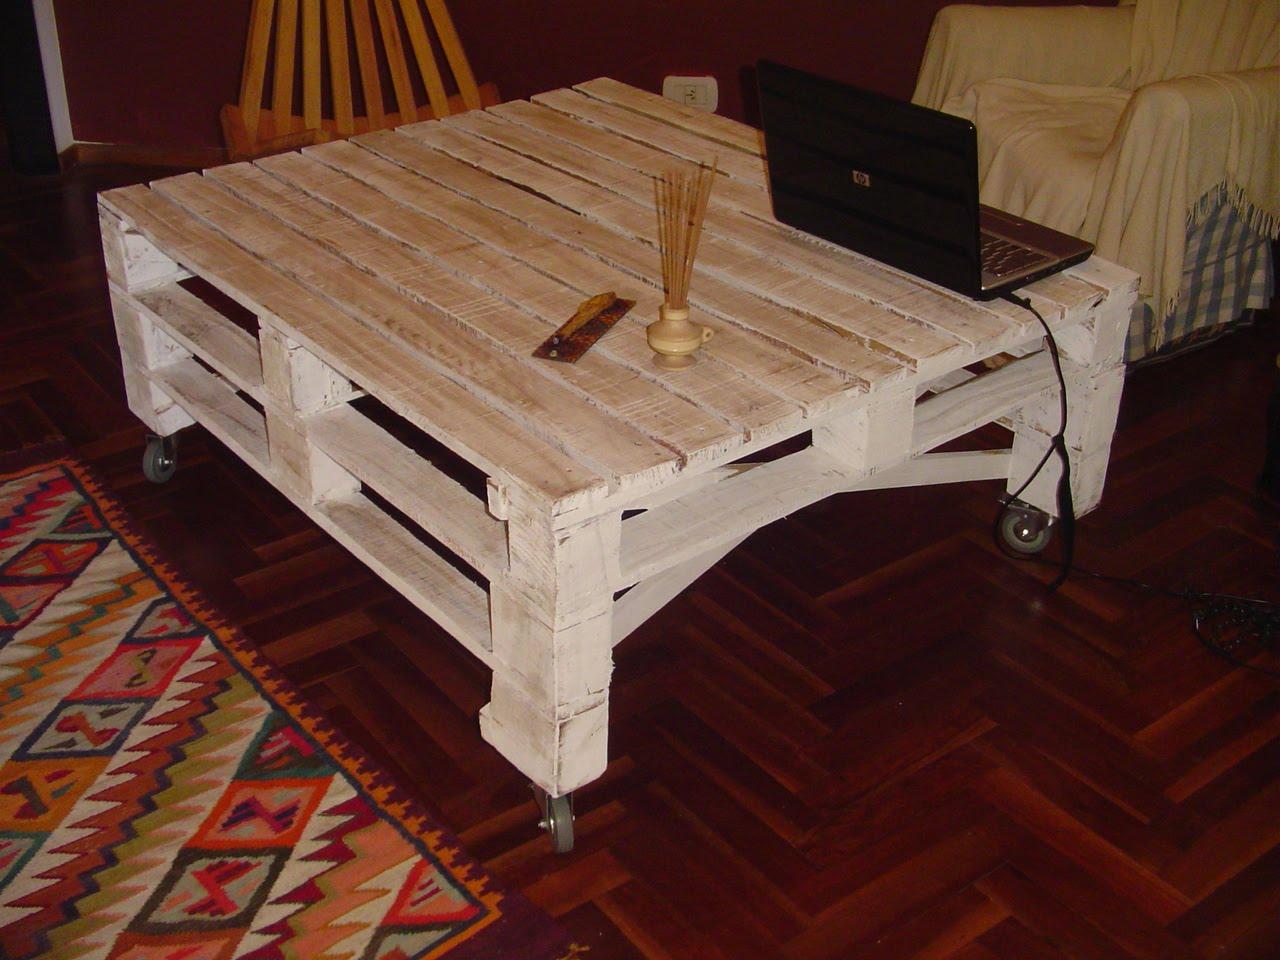 de melamina color haya con borde de madera color wengue con patas de